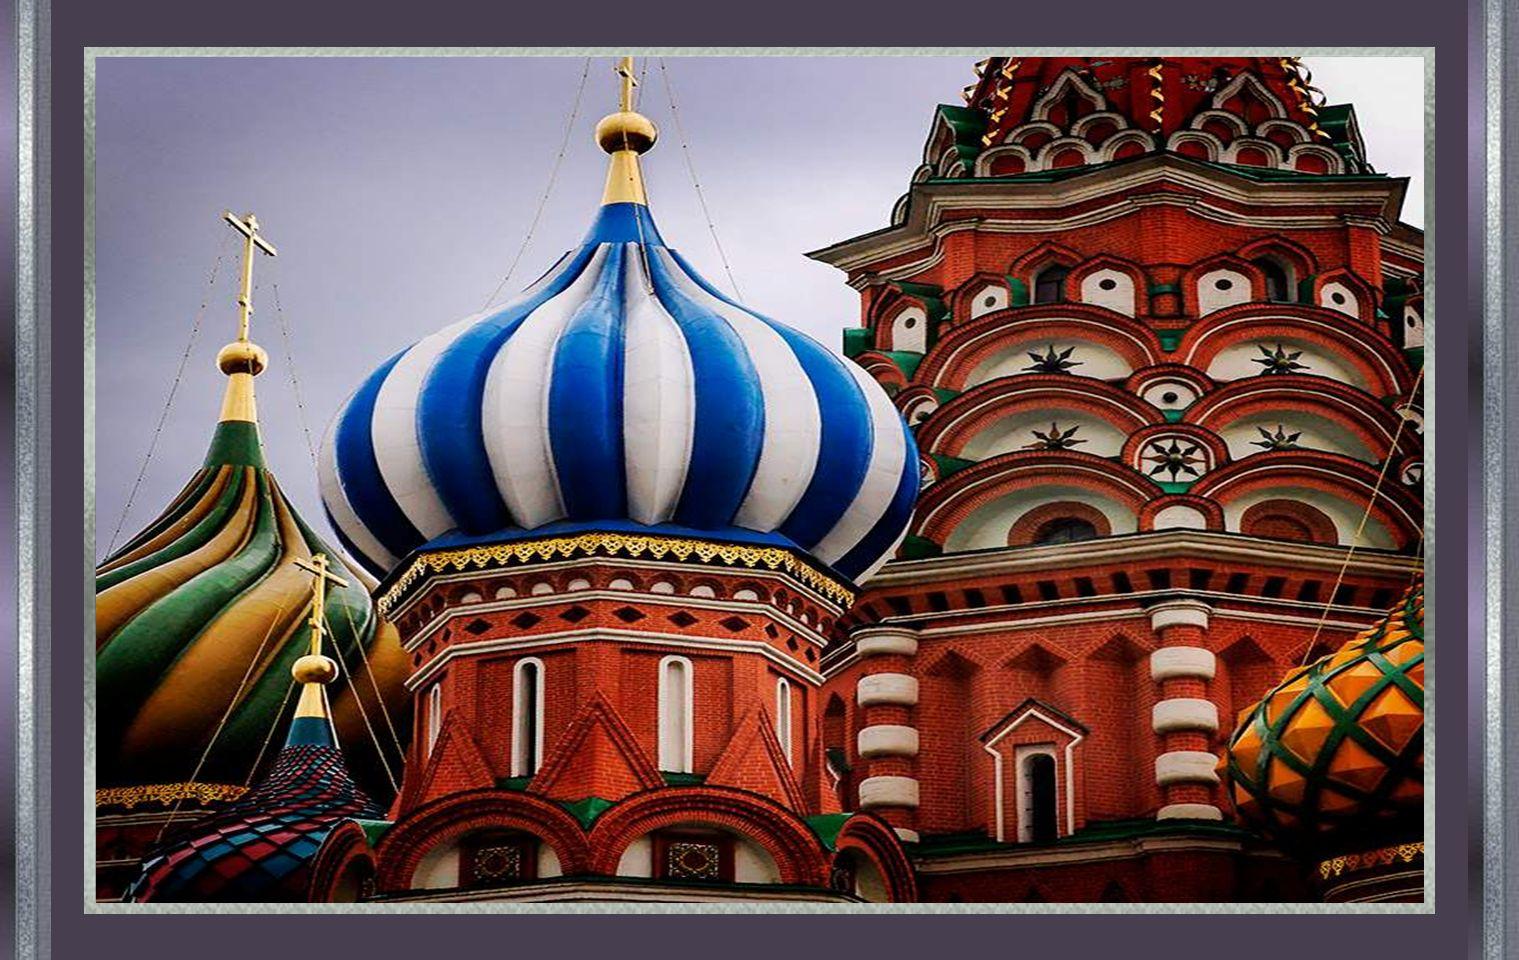 Selon la légende, Ivan fit arracher les yeux de larchitecte en charge de la construction, pour que jamais il ne puisse en construire une autre pareille ou plus belle.